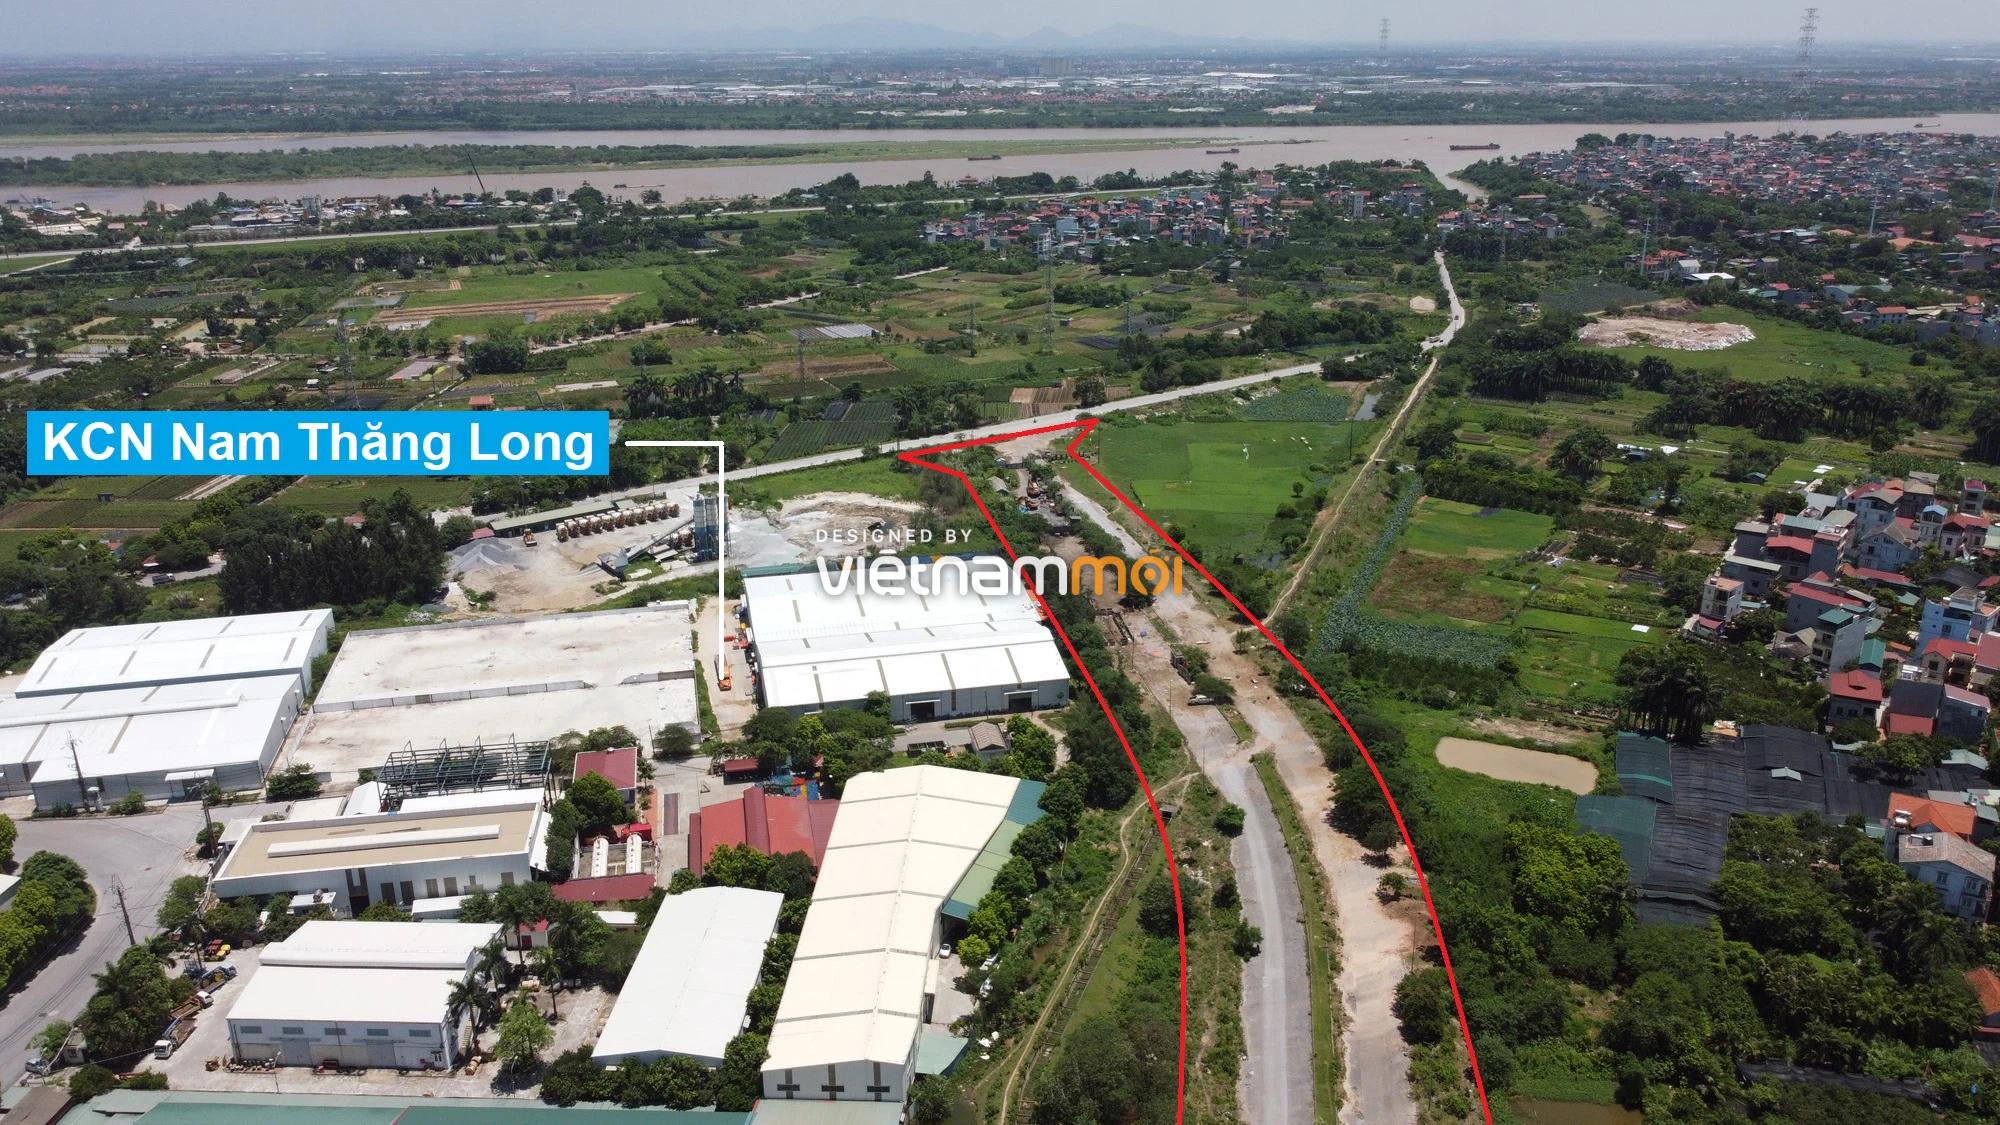 Những khu đất sắp thu hồi để mở đường ở quận Bắc Từ Liêm, Hà Nội (phần 3) - Ảnh 7.